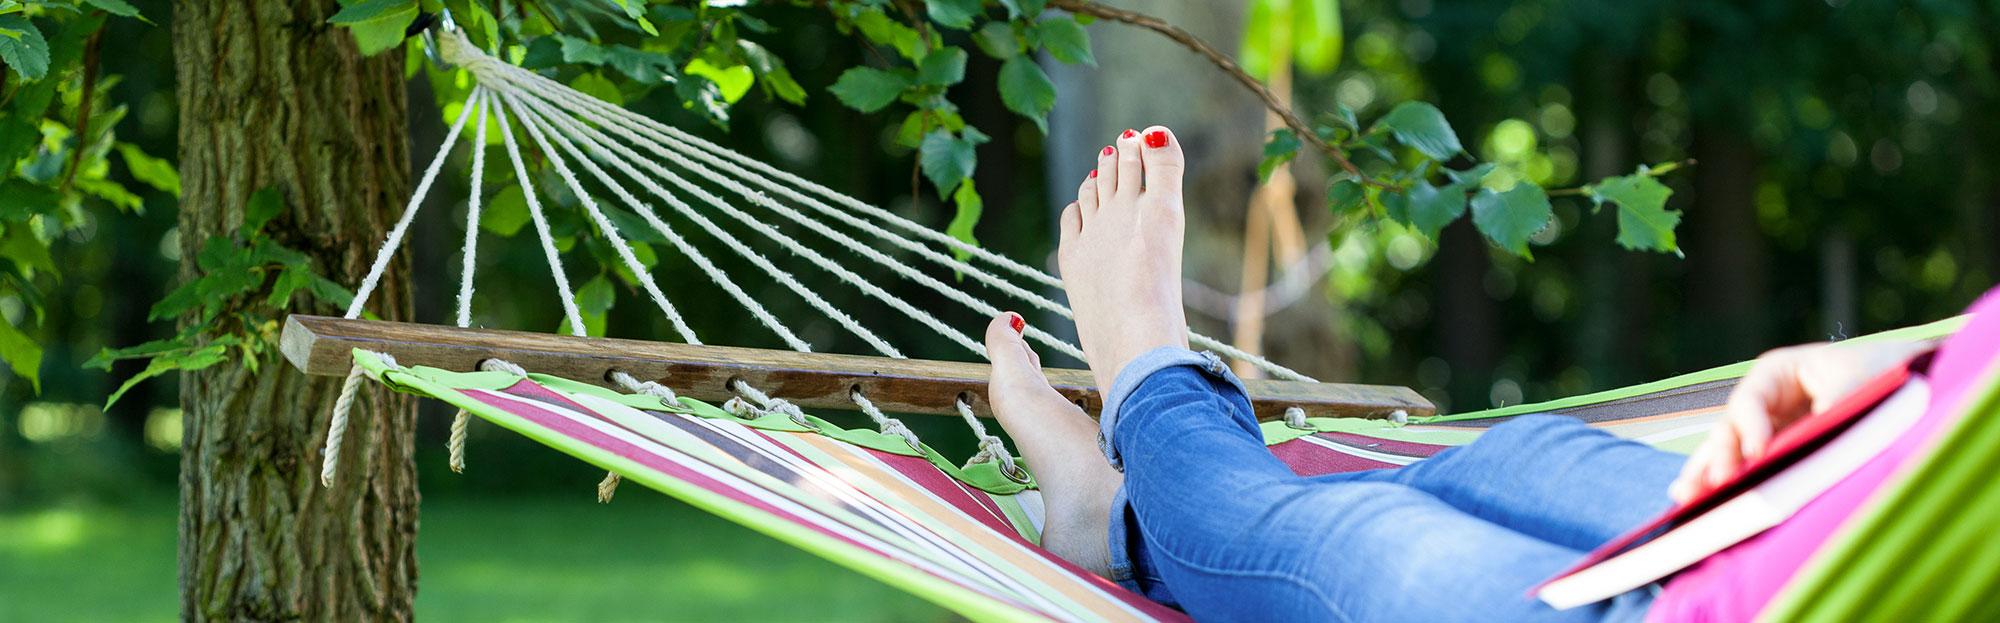 Eindelijk vakantie, een essentieel herstelmoment!